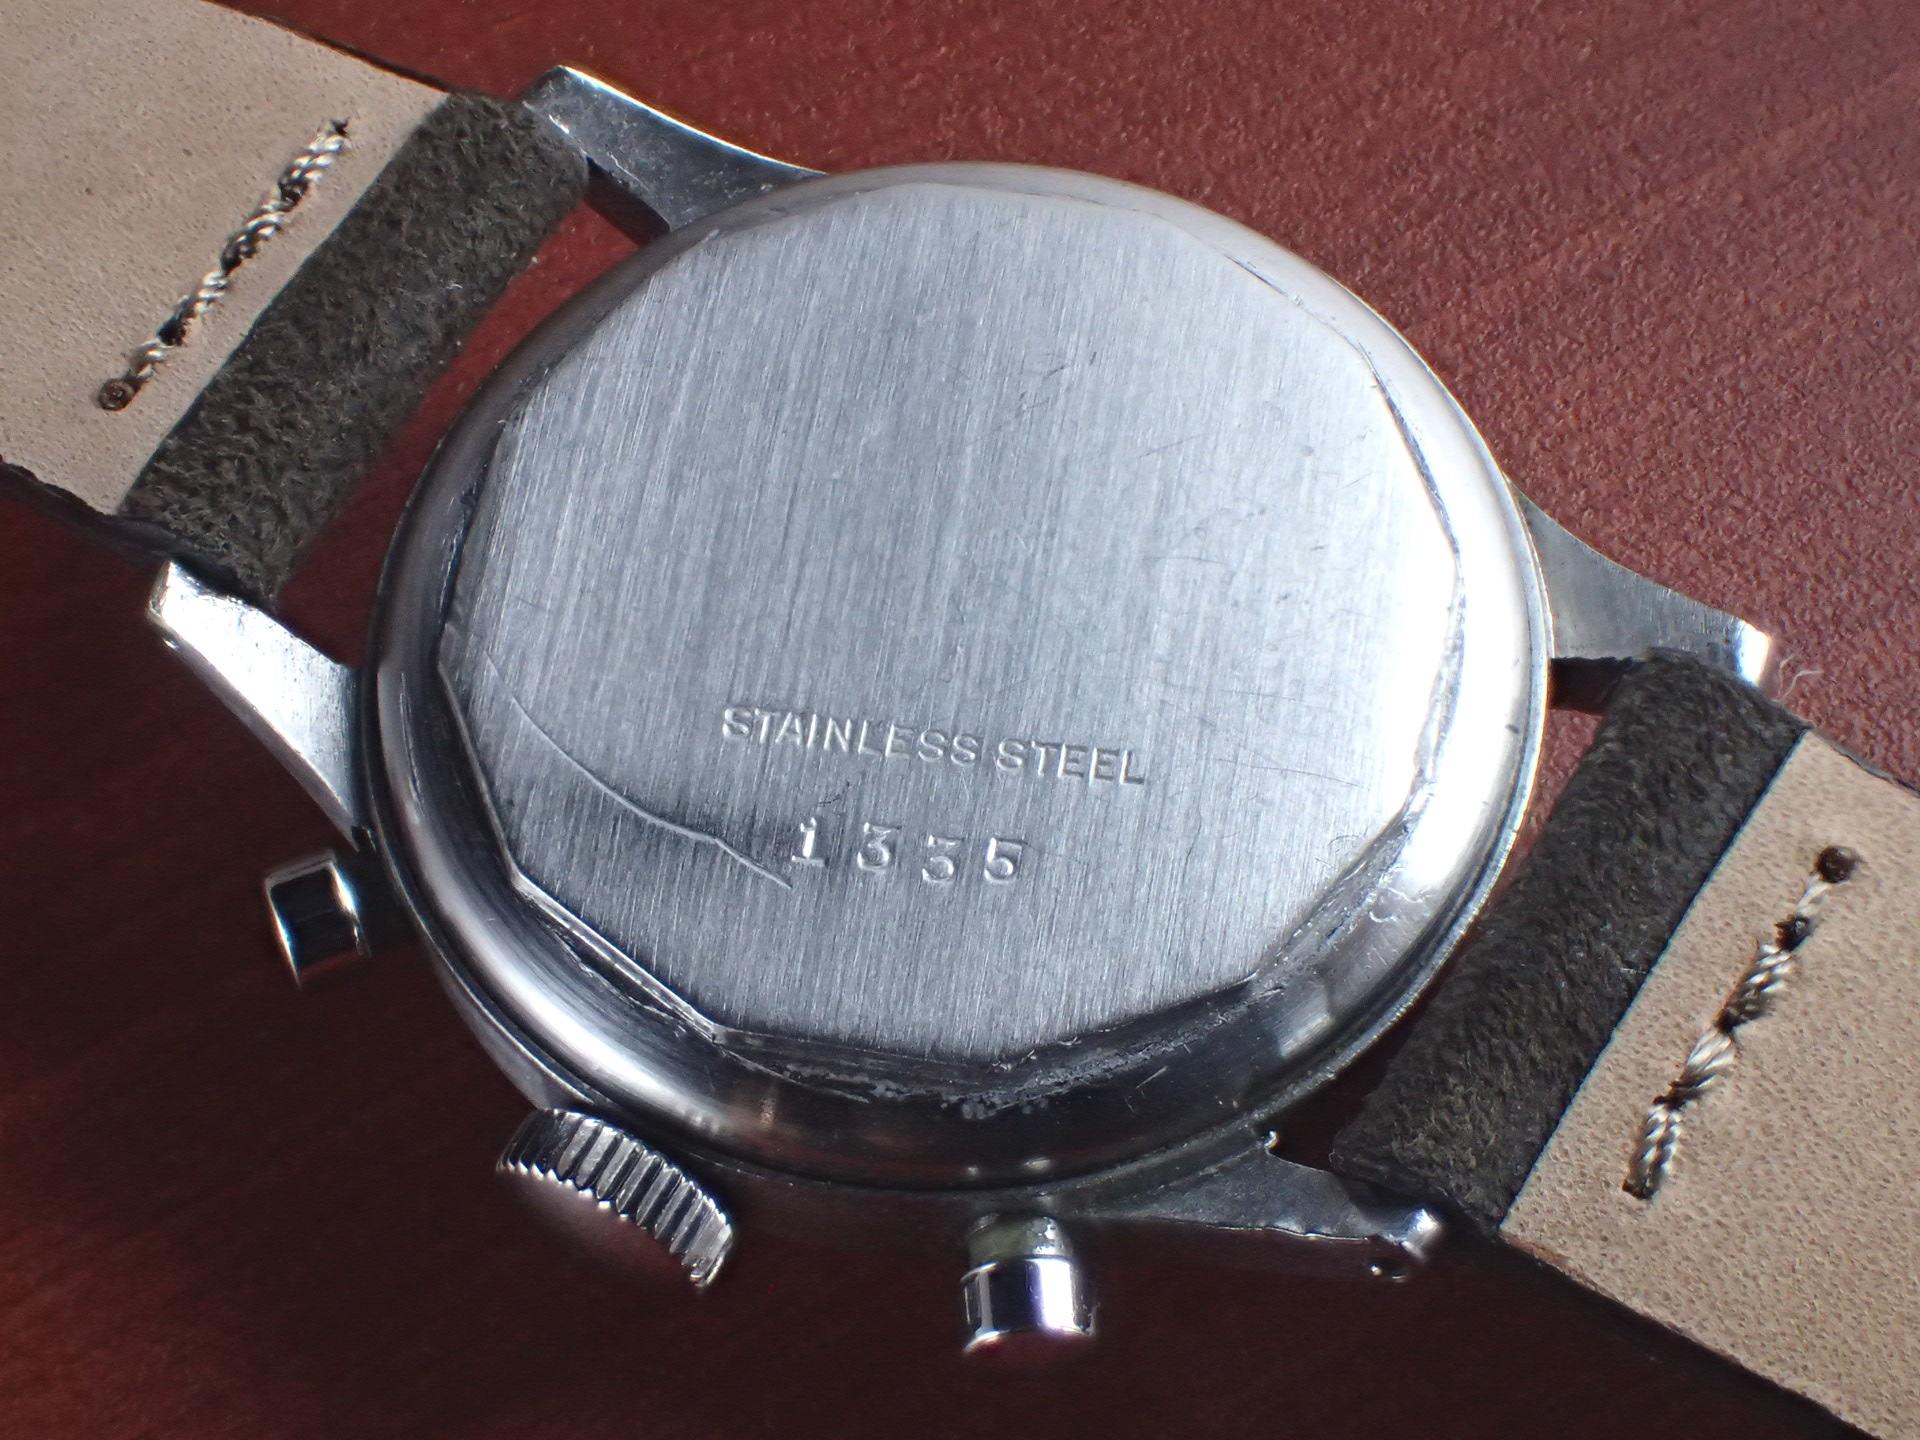 ミネルバ キャリバー13-20CH ブラックミラーダイアル スクリューバック 1940年代 の写真4枚目